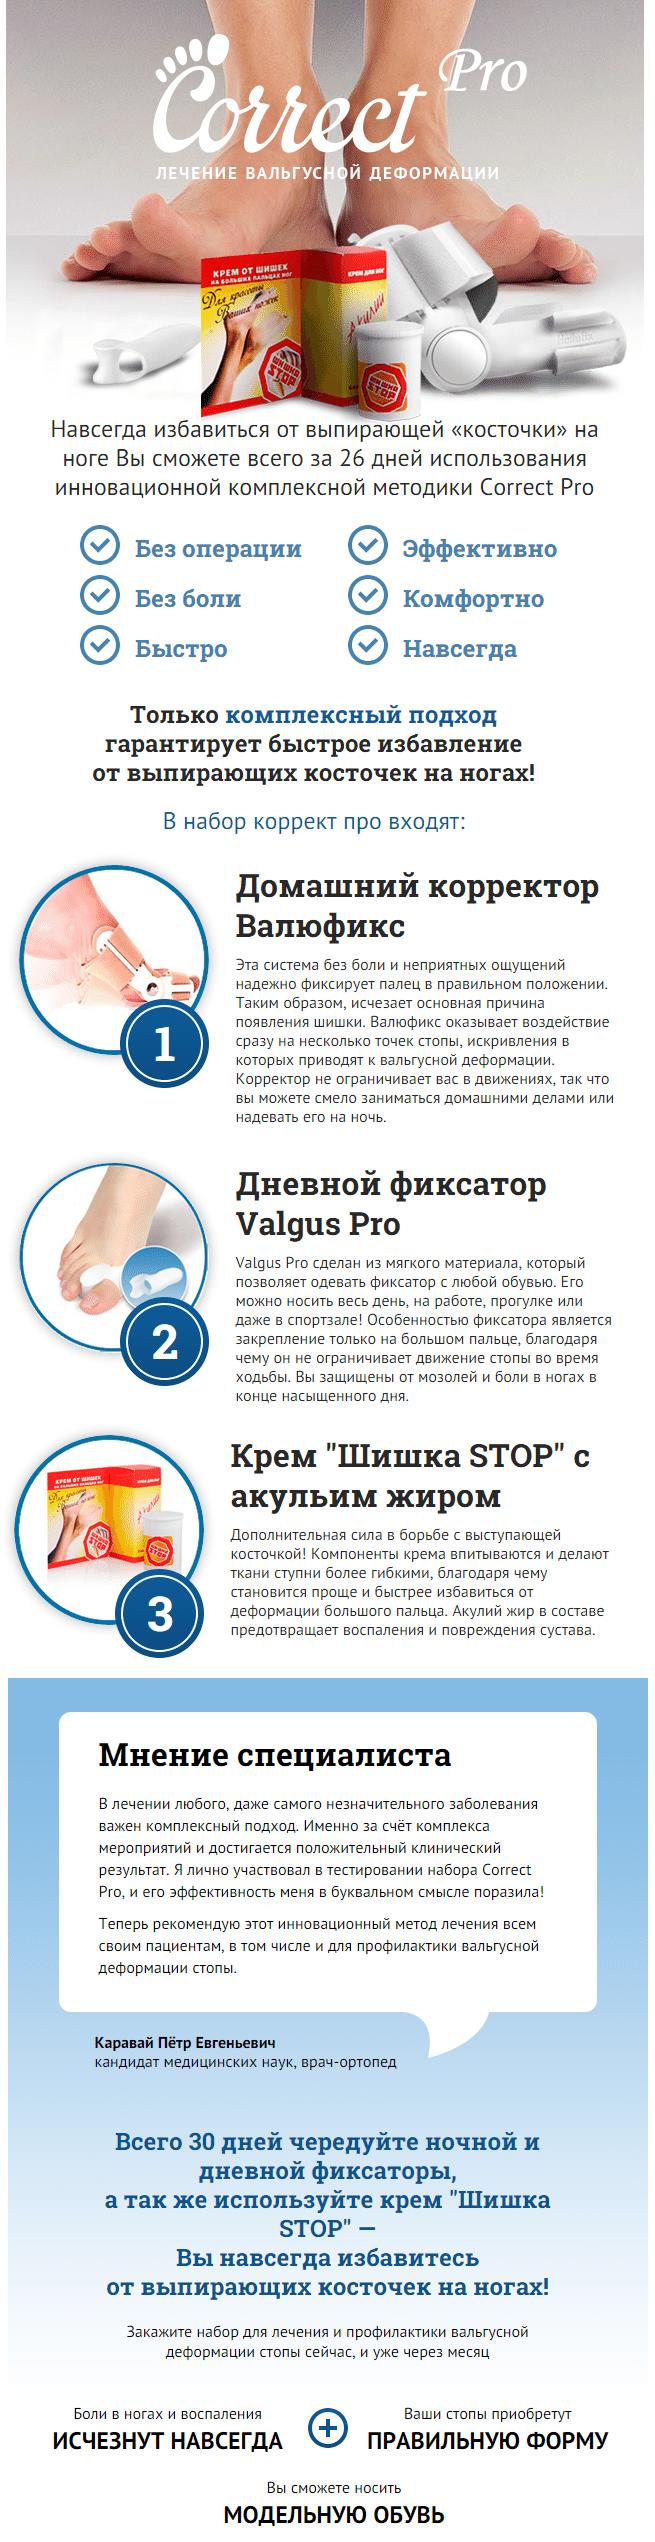 Профессиональный ортопедический набор Correct Pro